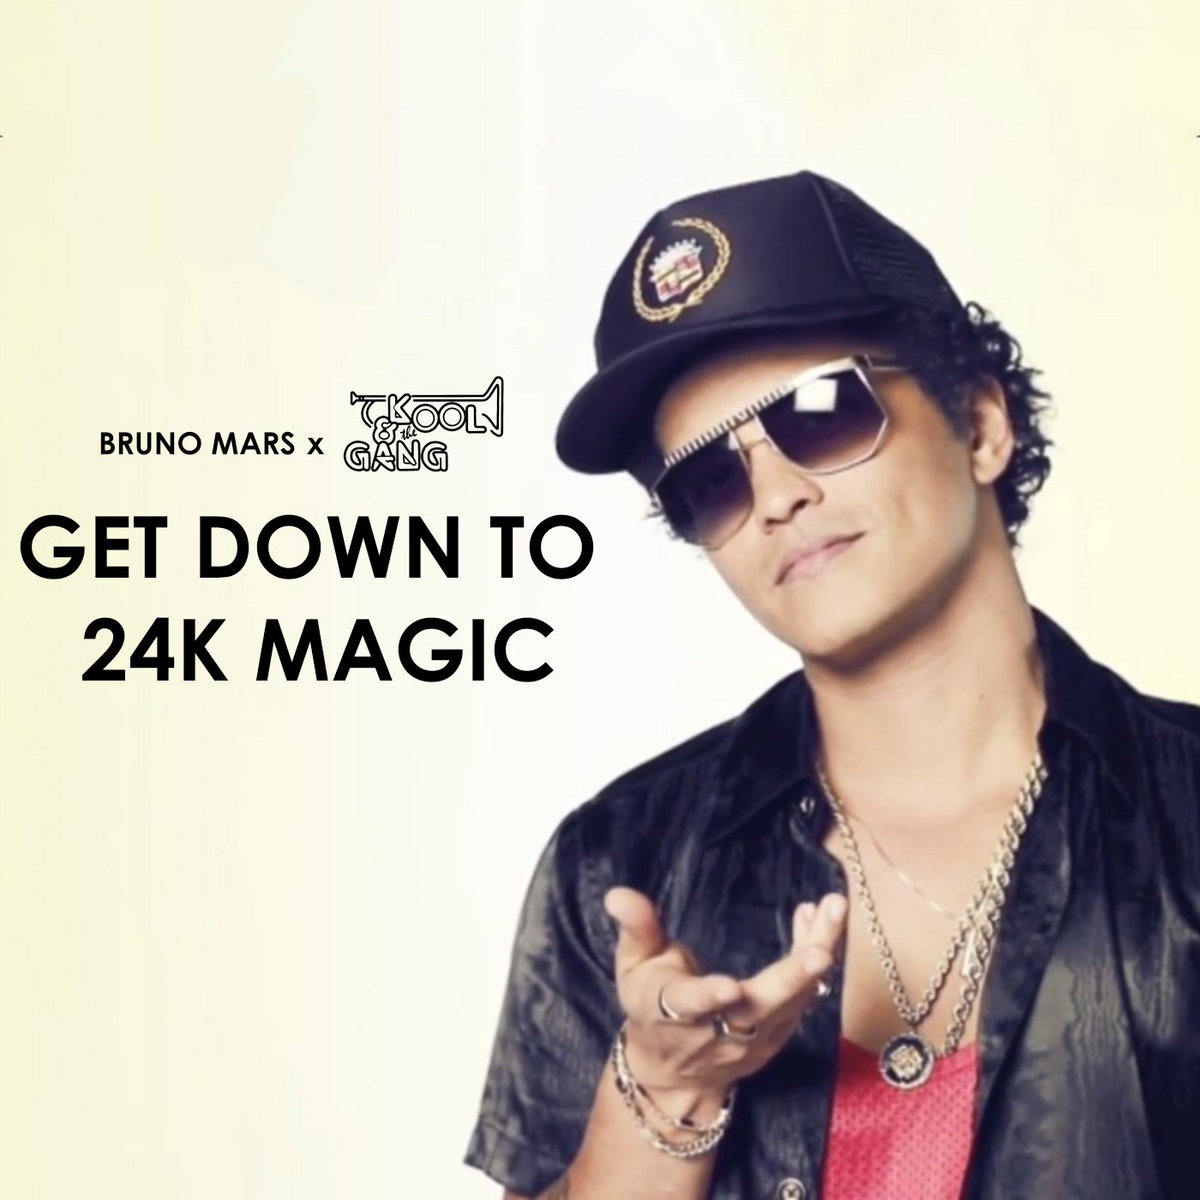 bruno mars discography download zip